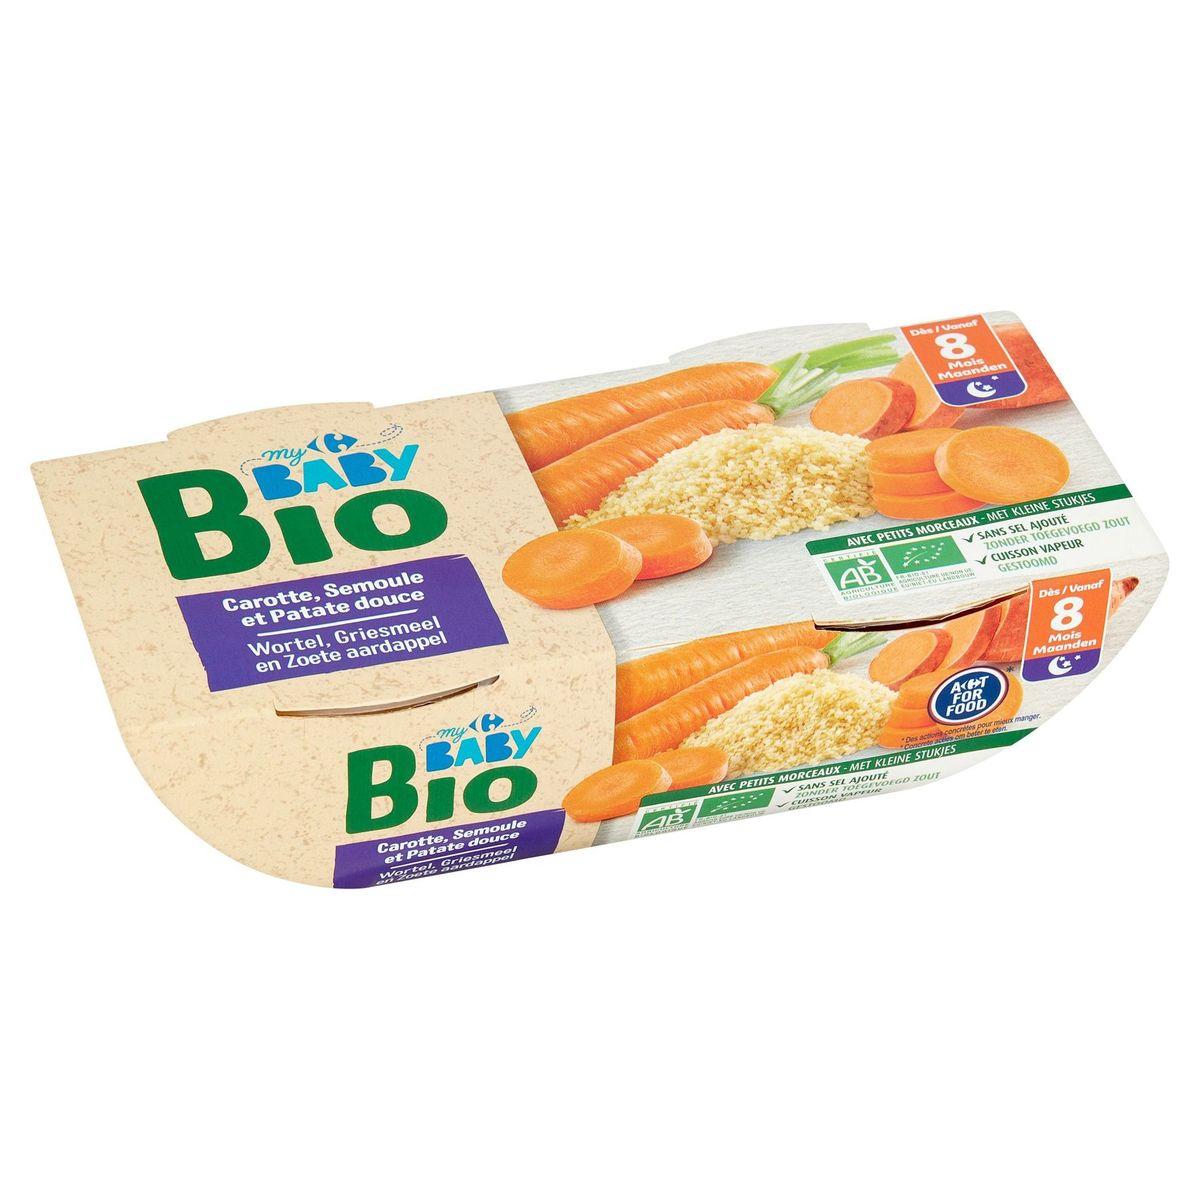 Carrefour Baby Bio Carotte, Semoule et Patate Douce dès 8 Mois 2x 200g